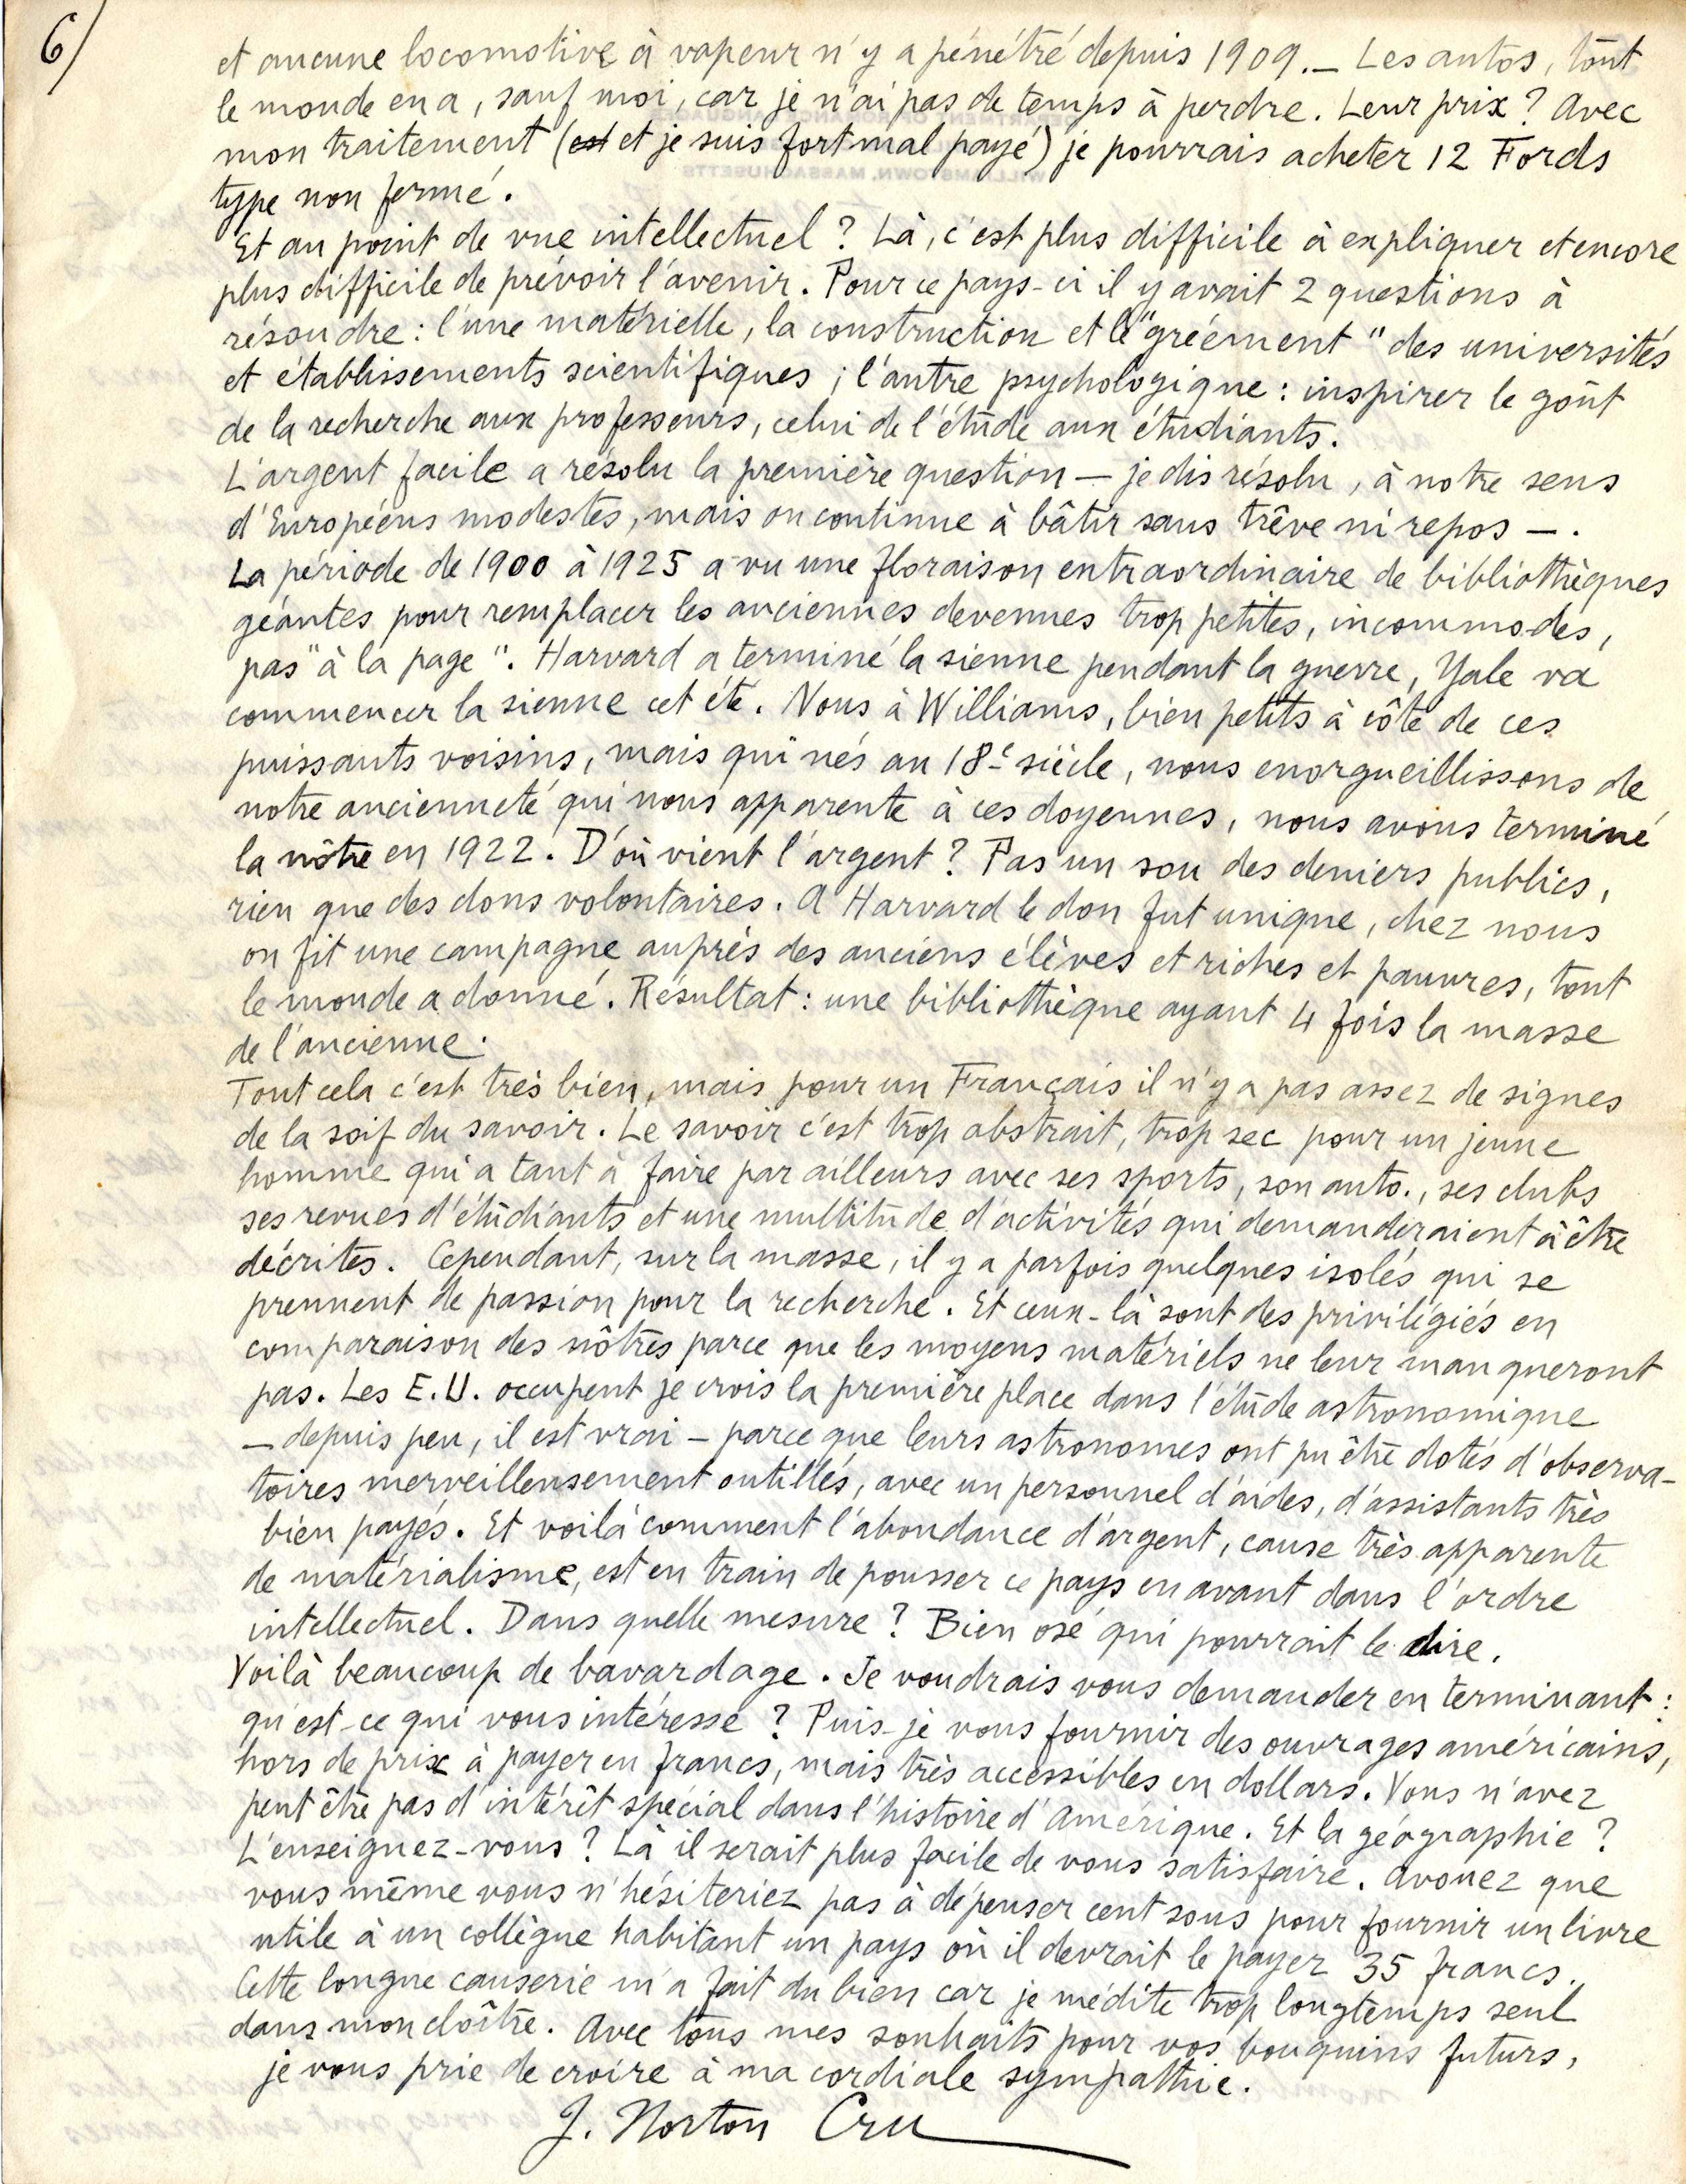 Lettre 24 juin 1926 6